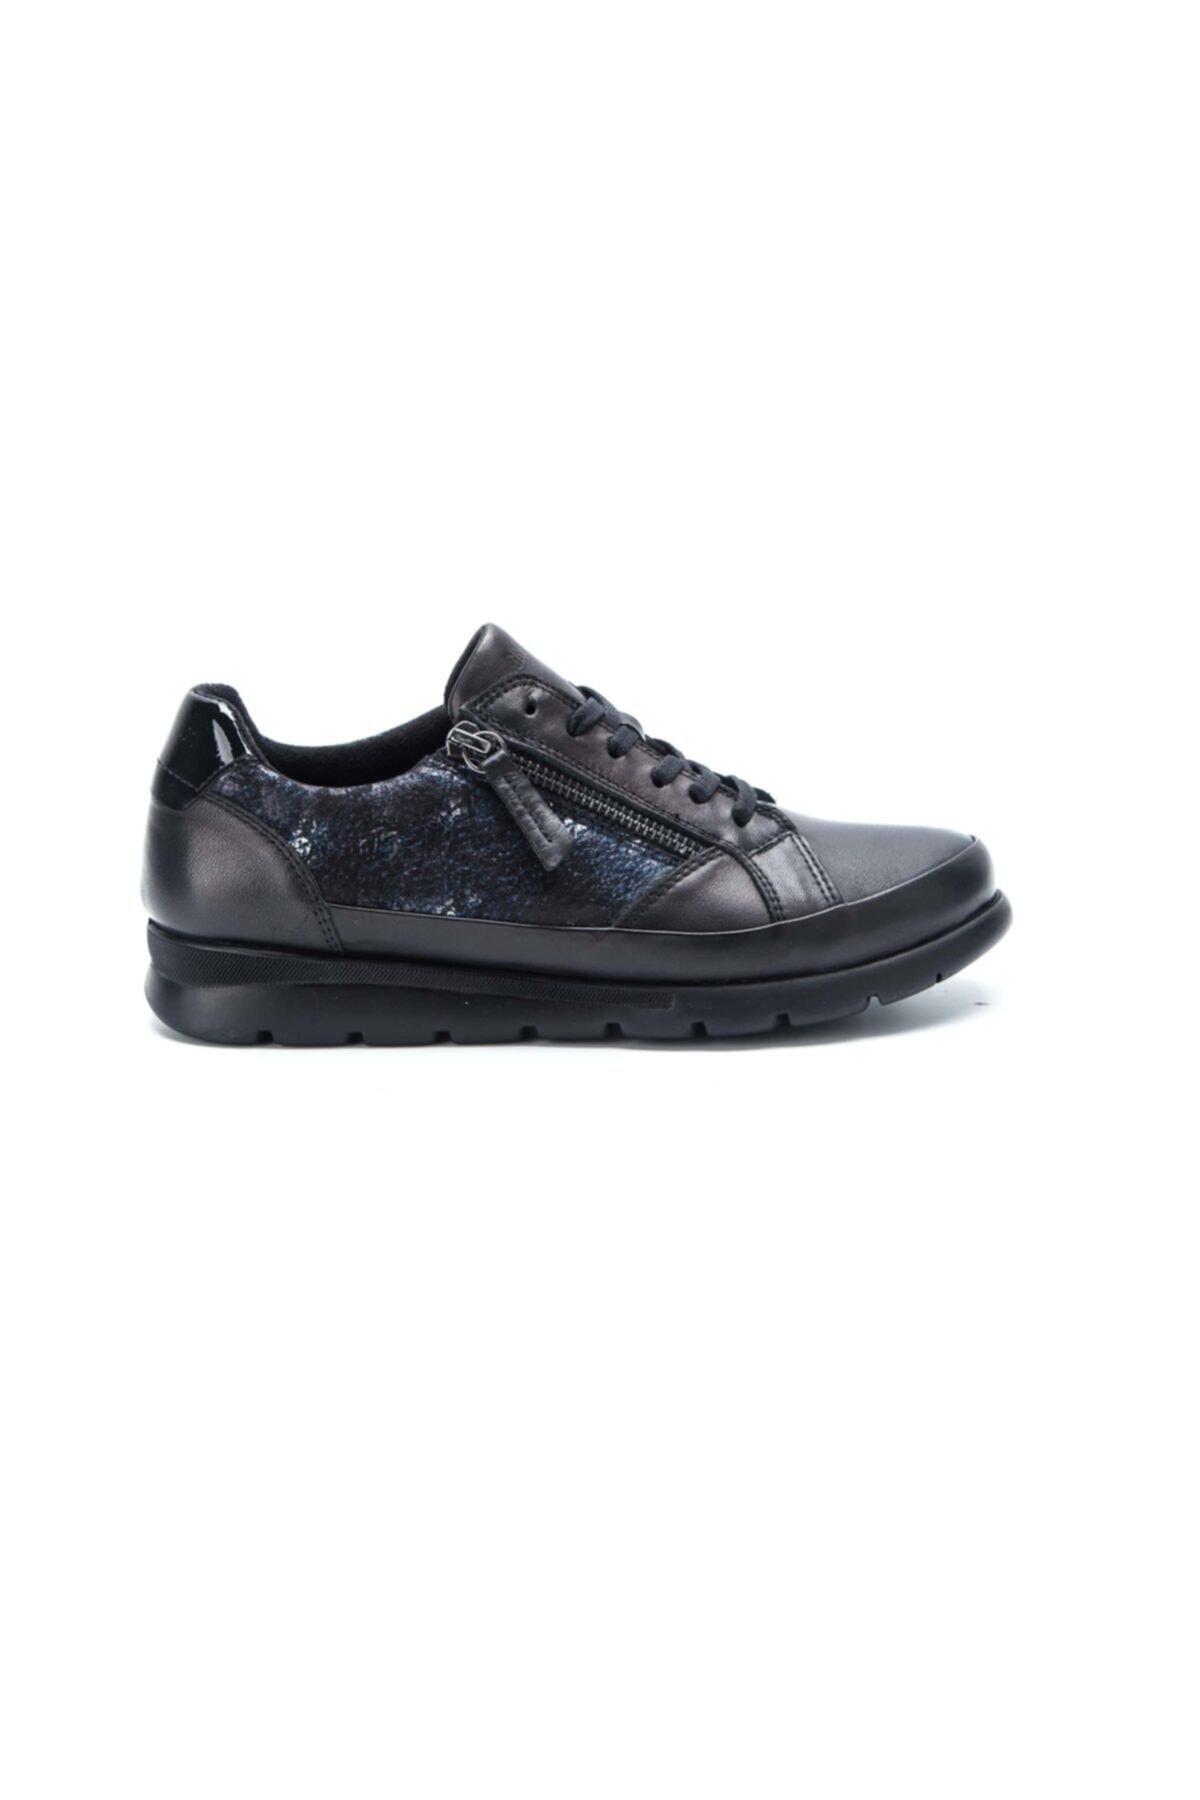 Greyder Kadın Siyah Comfort Ayakkabı (k) 28931 Zn 1